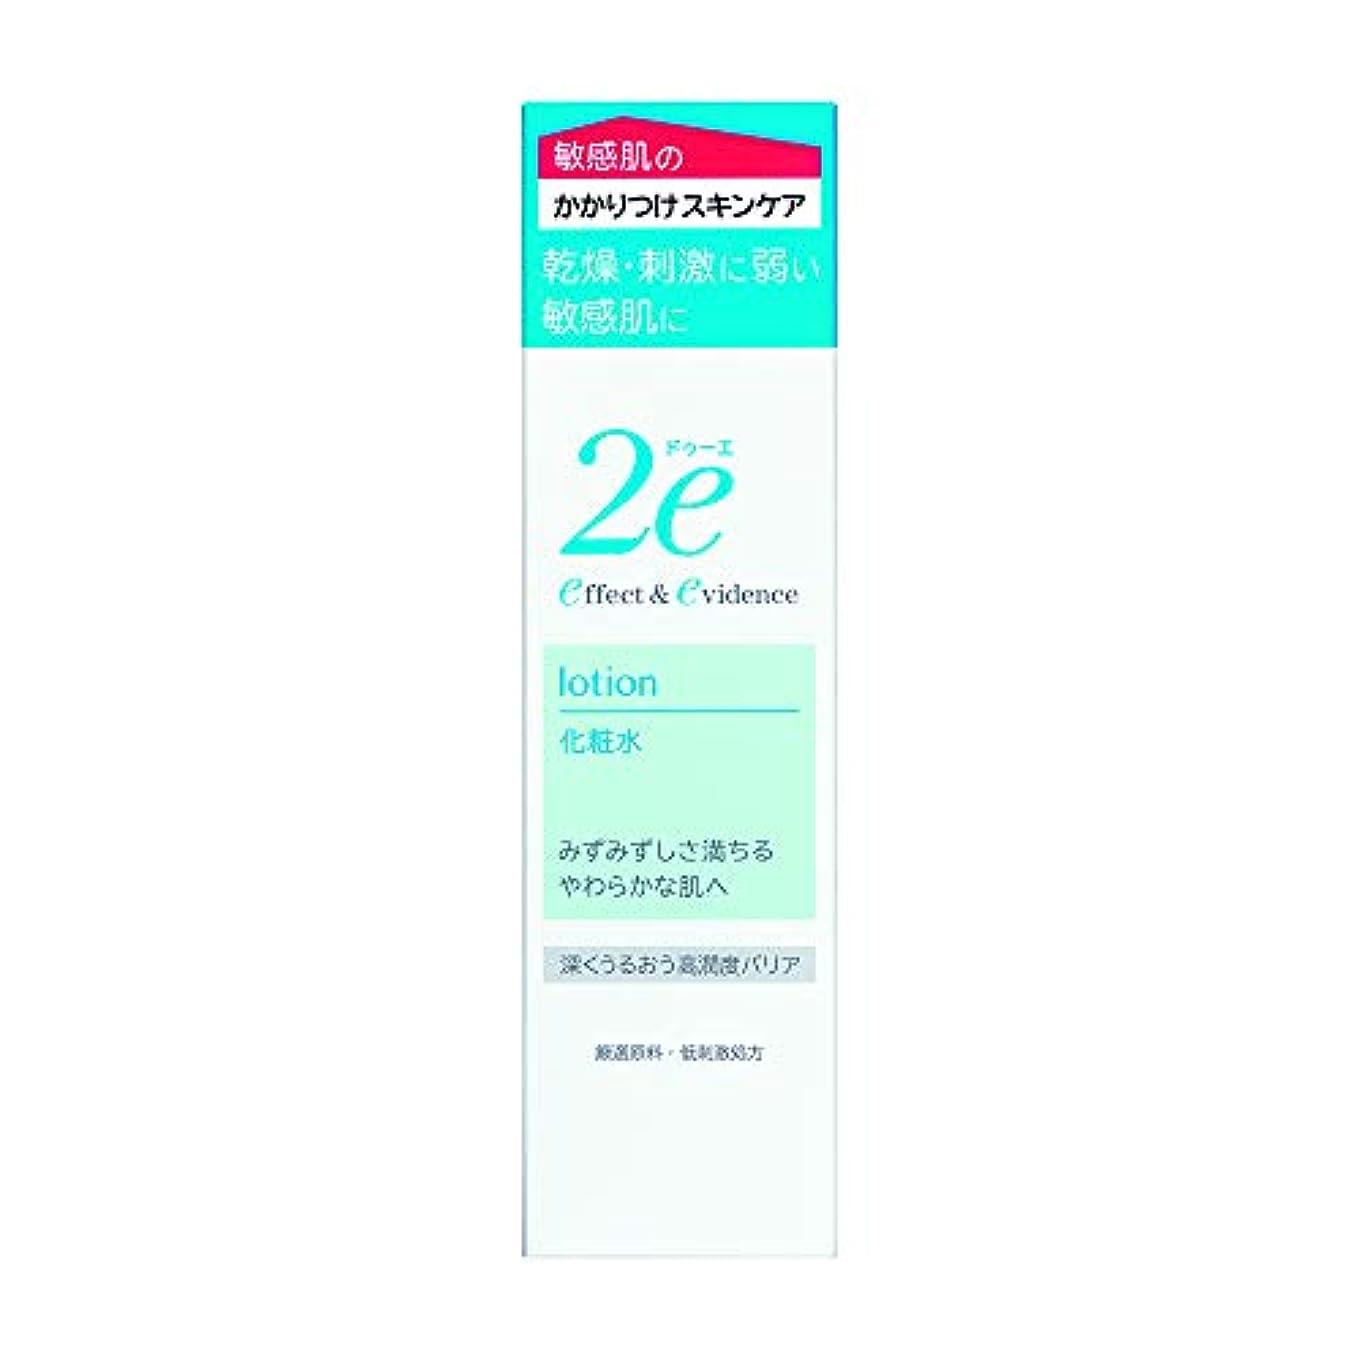 不適依存フェッチ2e(ドゥーエ) 化粧水 敏感肌用 低刺激処方 深くうるおう高潤度バリア 140ml